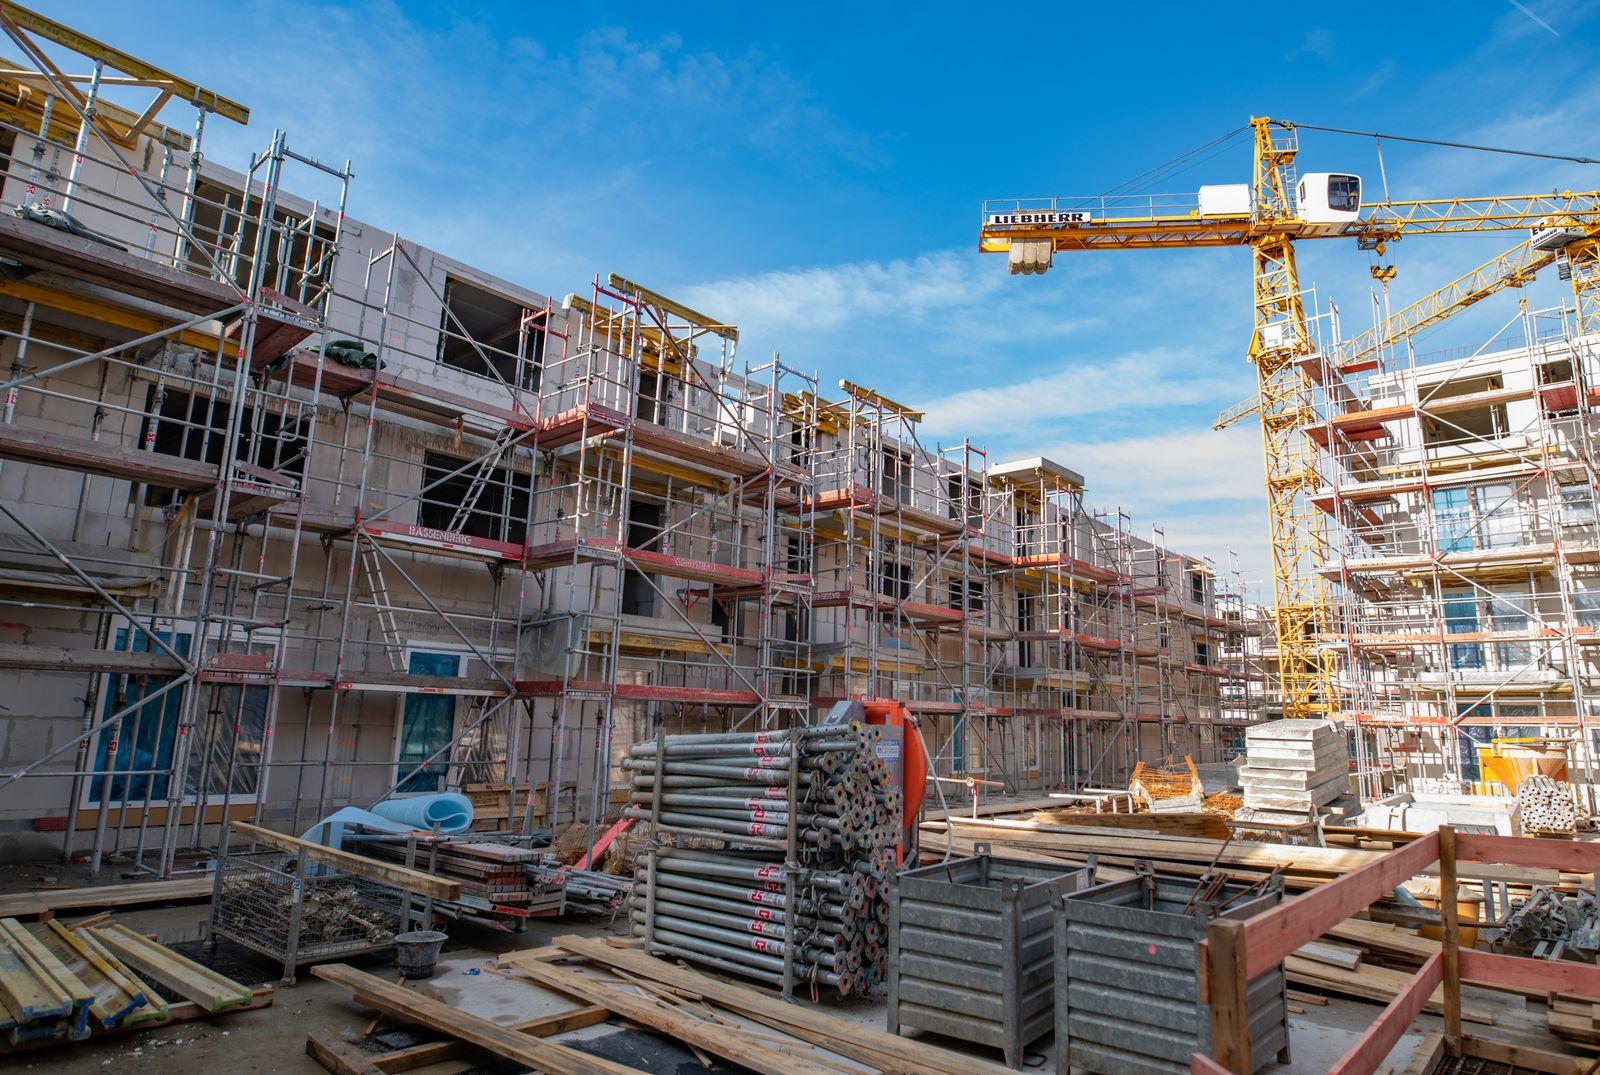 Hamburg/ Wohnungsbau / Immobilien / Wohnungen / Baustelle